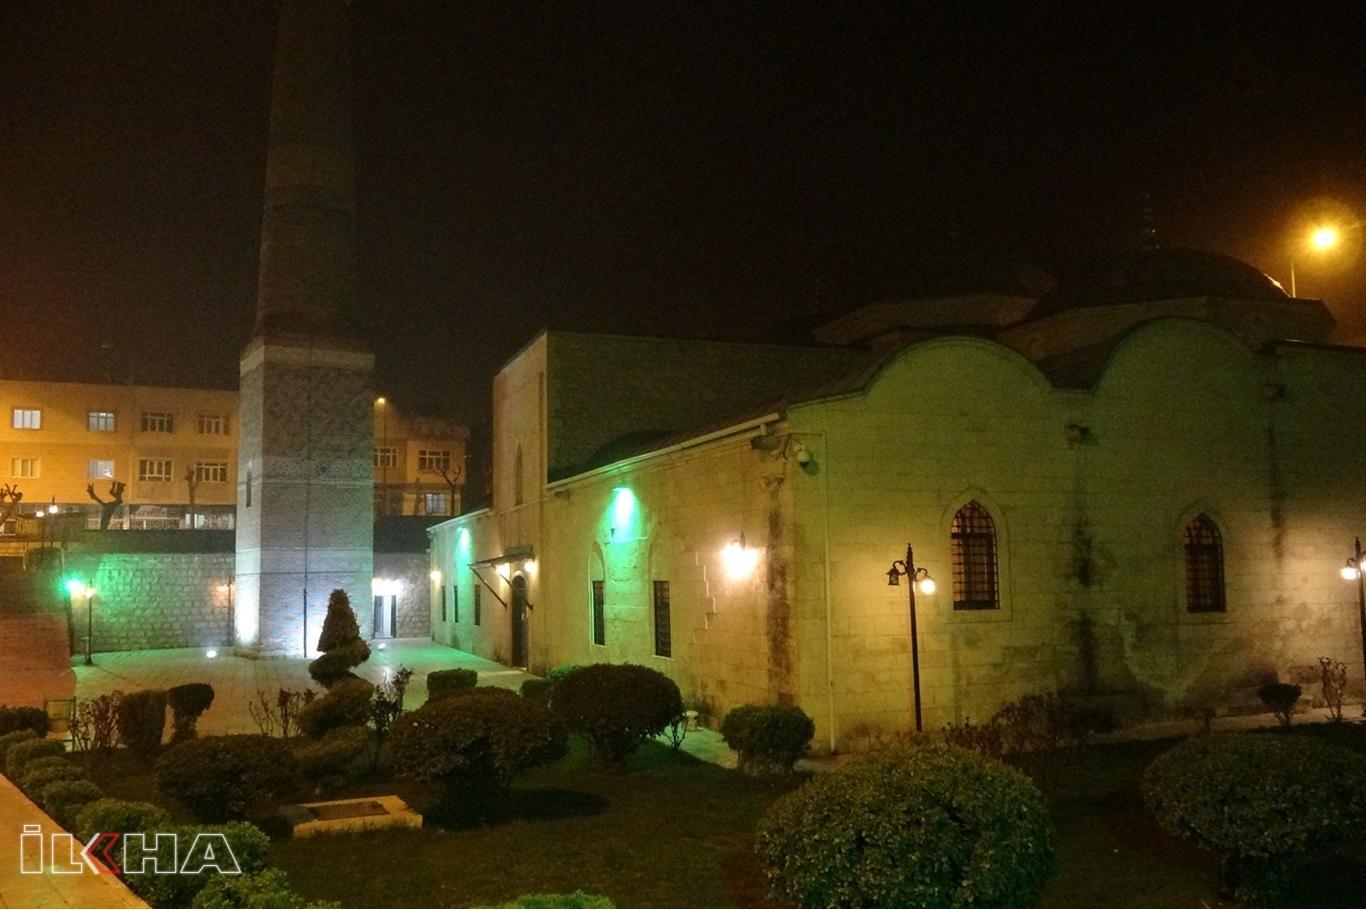 Siirt'in tüm cami minarelerinden dua okunarak 'Evde kalın' mesajı verildi